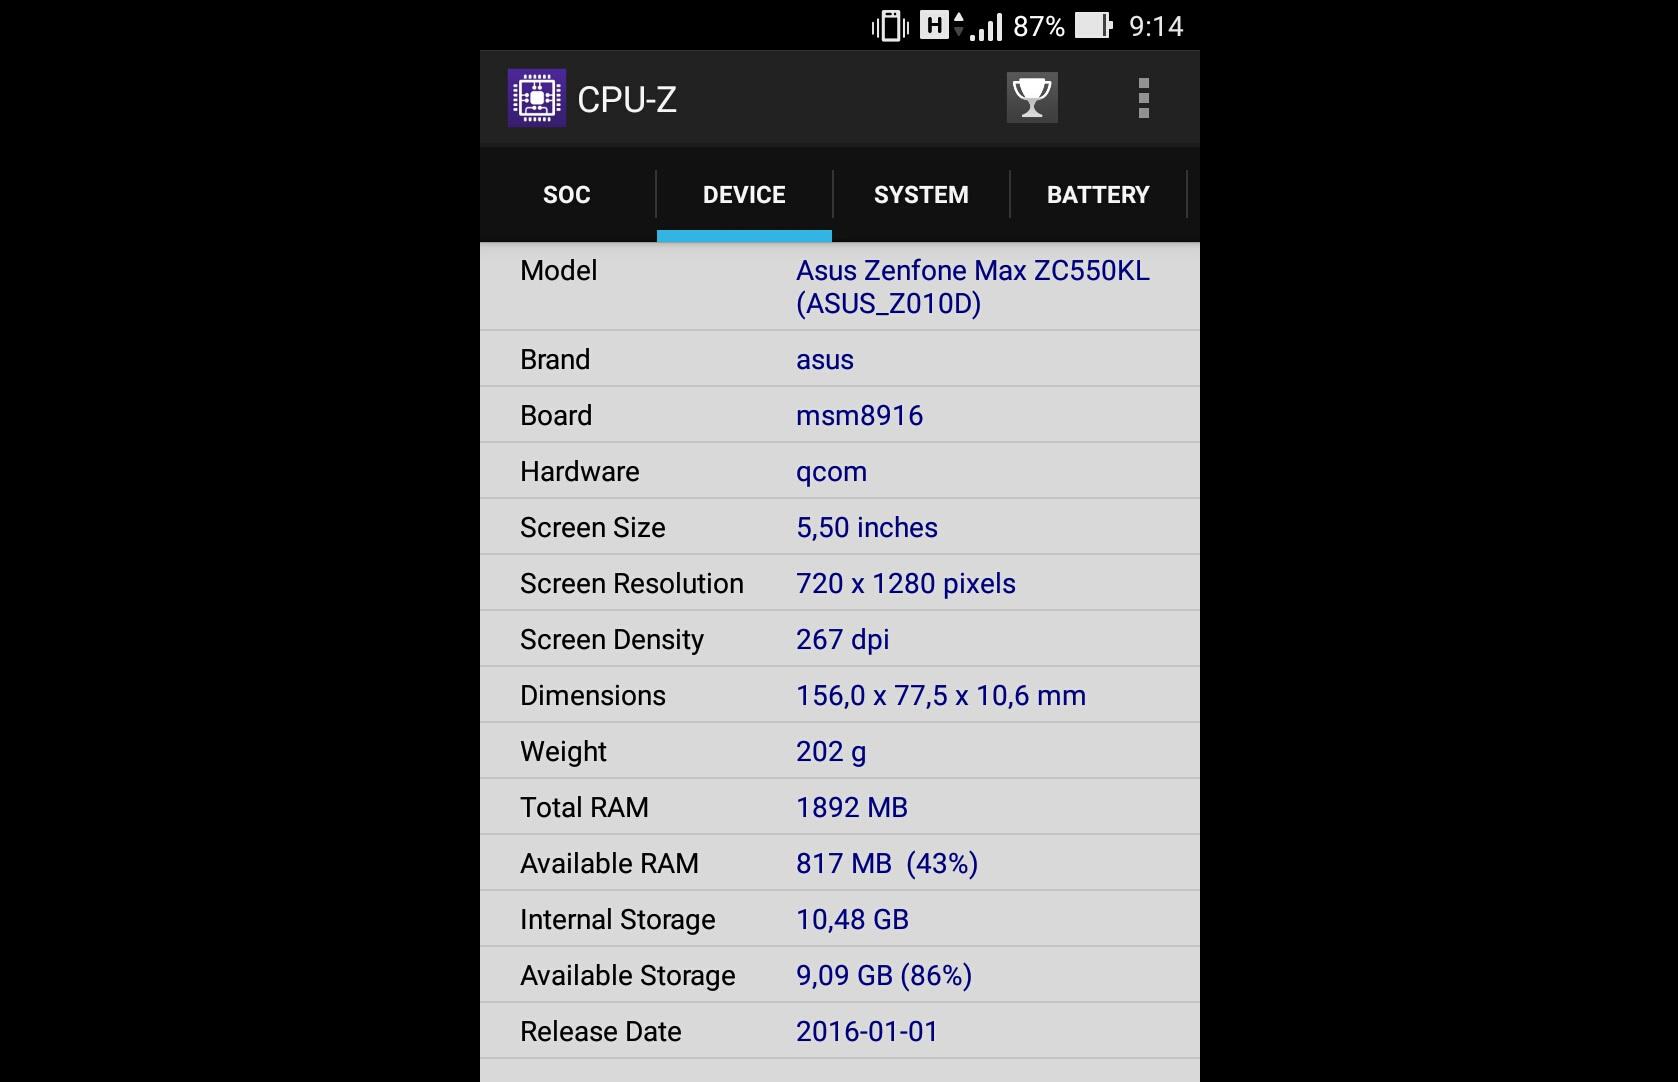 Рис. 5. Характеристики модели в программе CPU-Z.